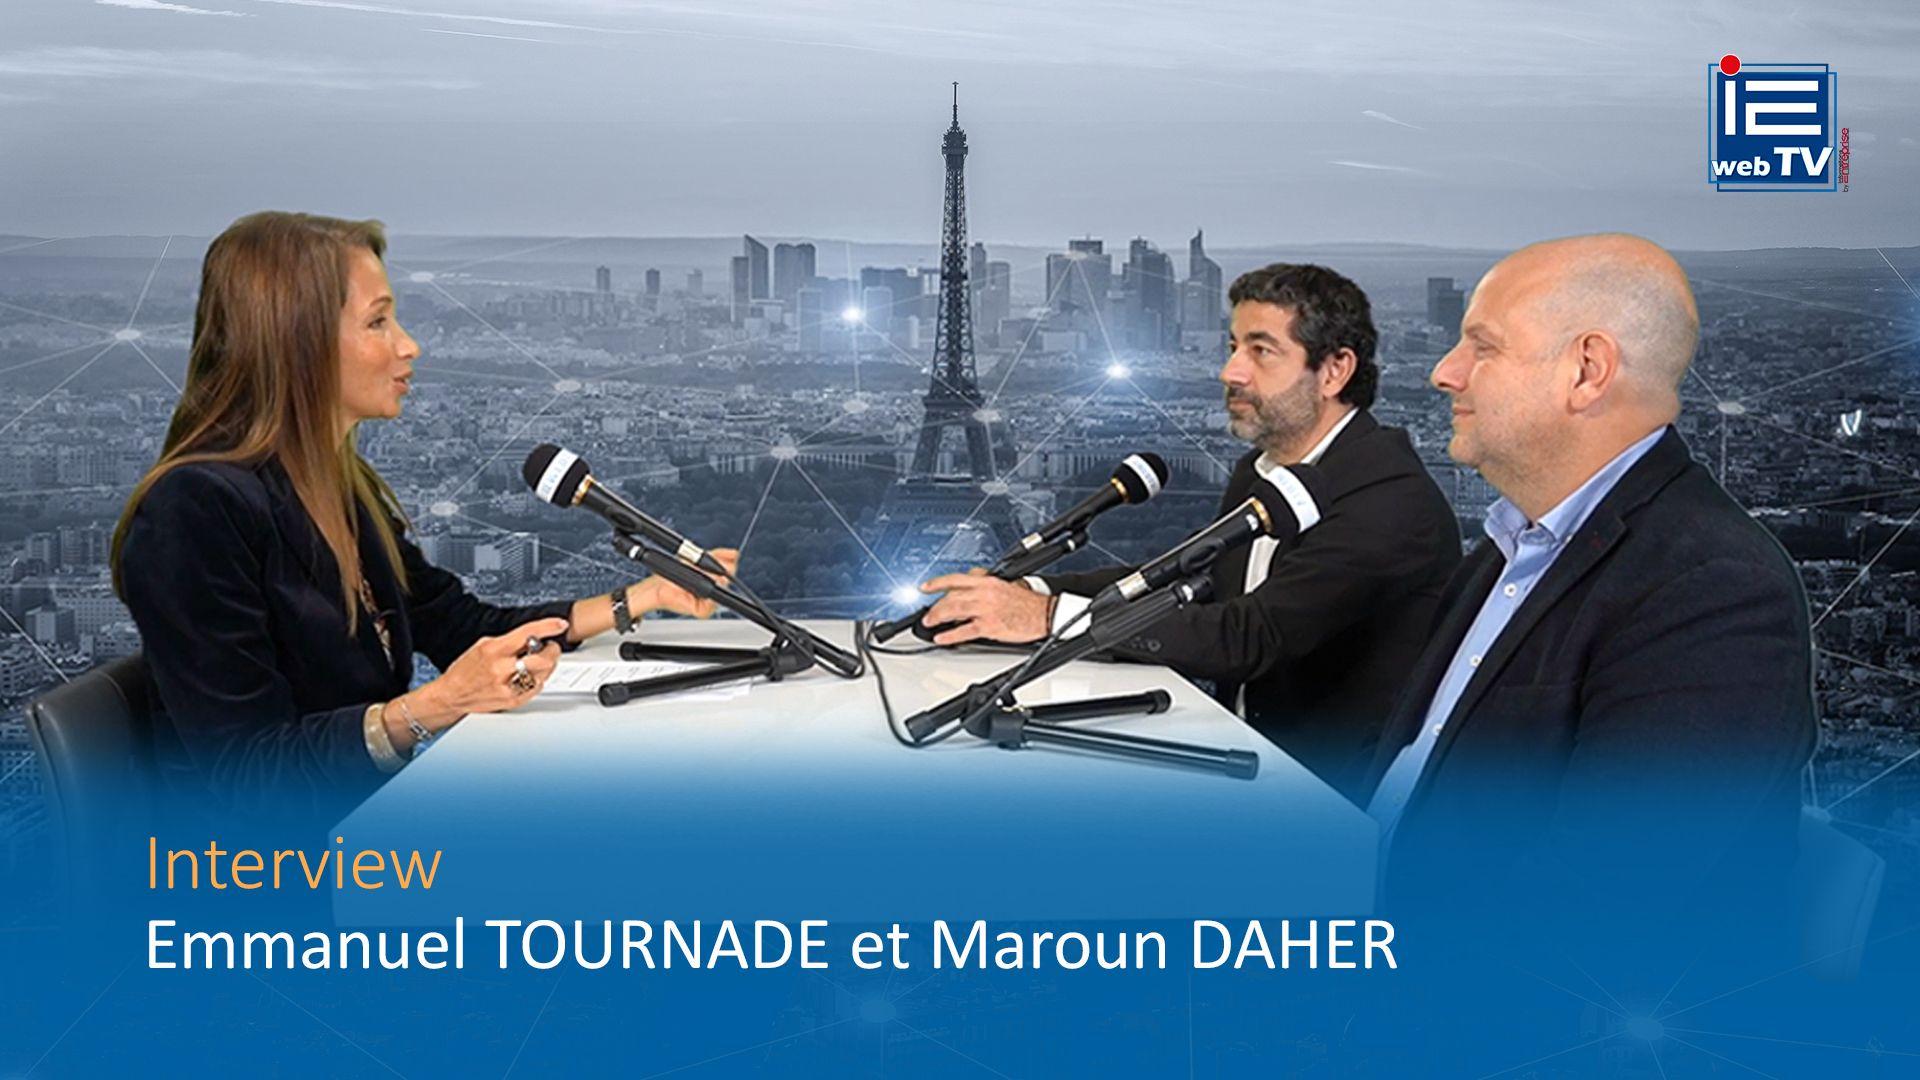 Vidéo Interview IEwebTV